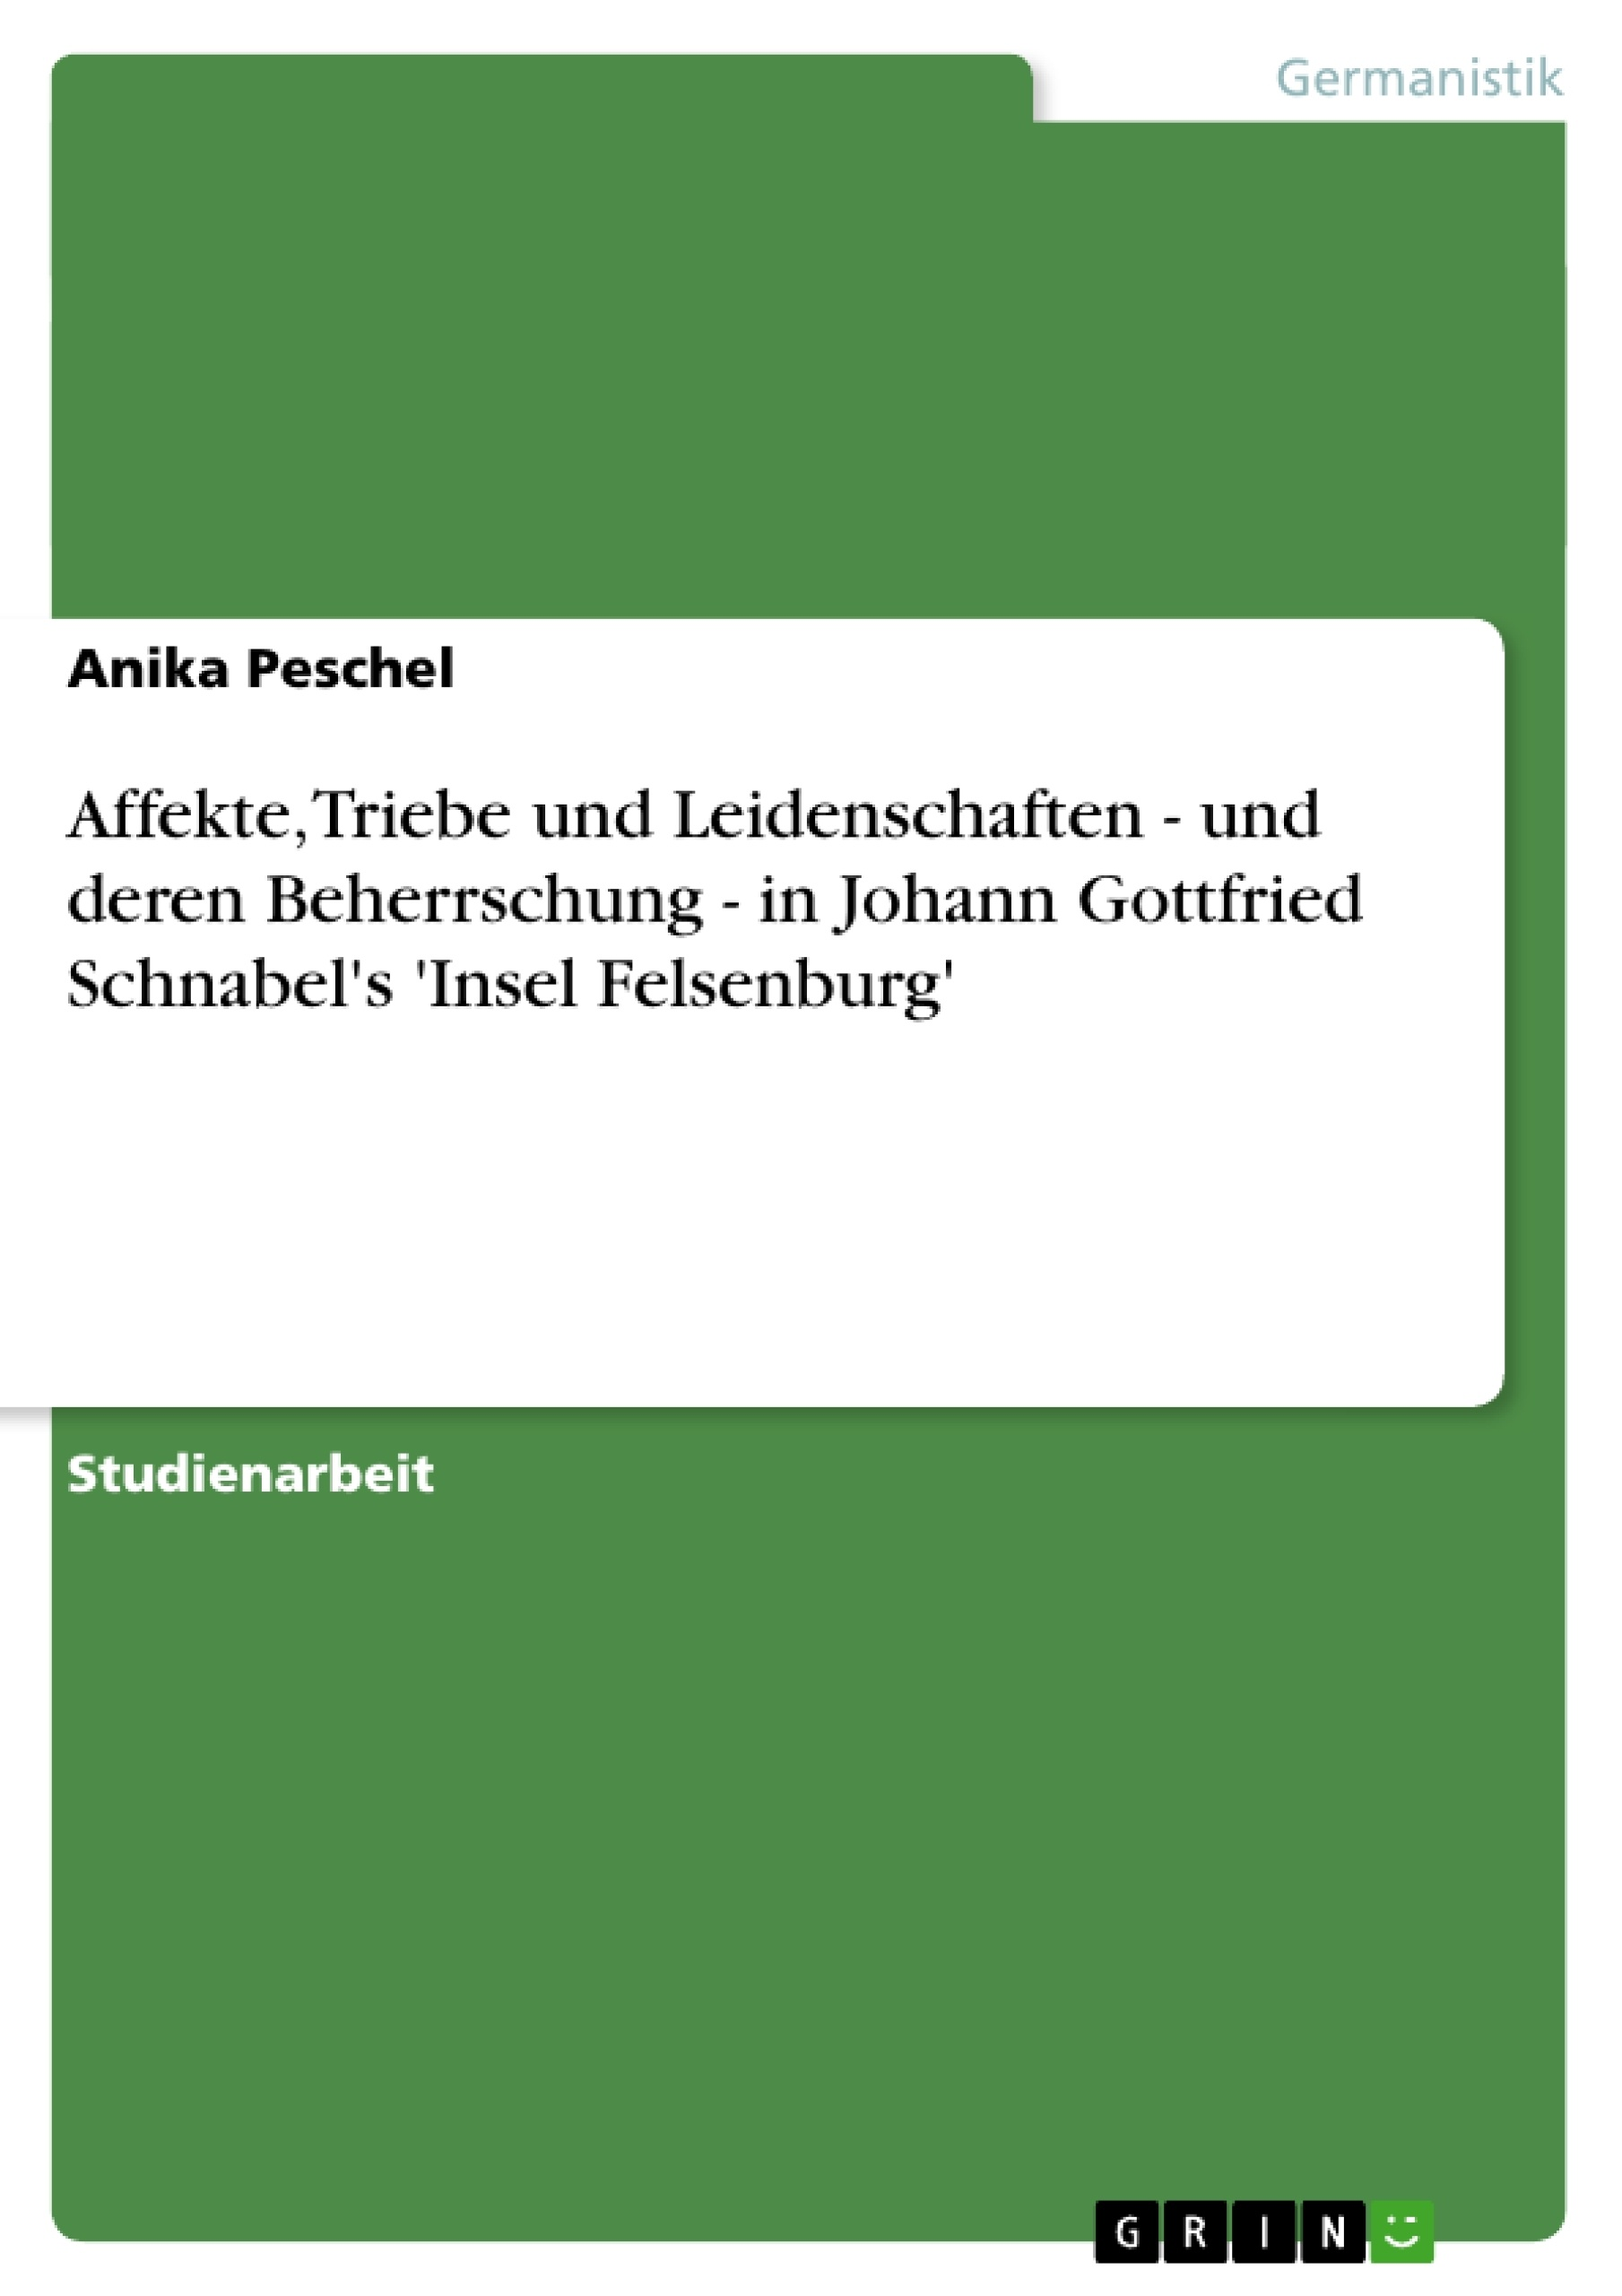 Titel: Affekte, Triebe und Leidenschaften - und deren Beherrschung - in Johann Gottfried Schnabel's 'Insel Felsenburg'